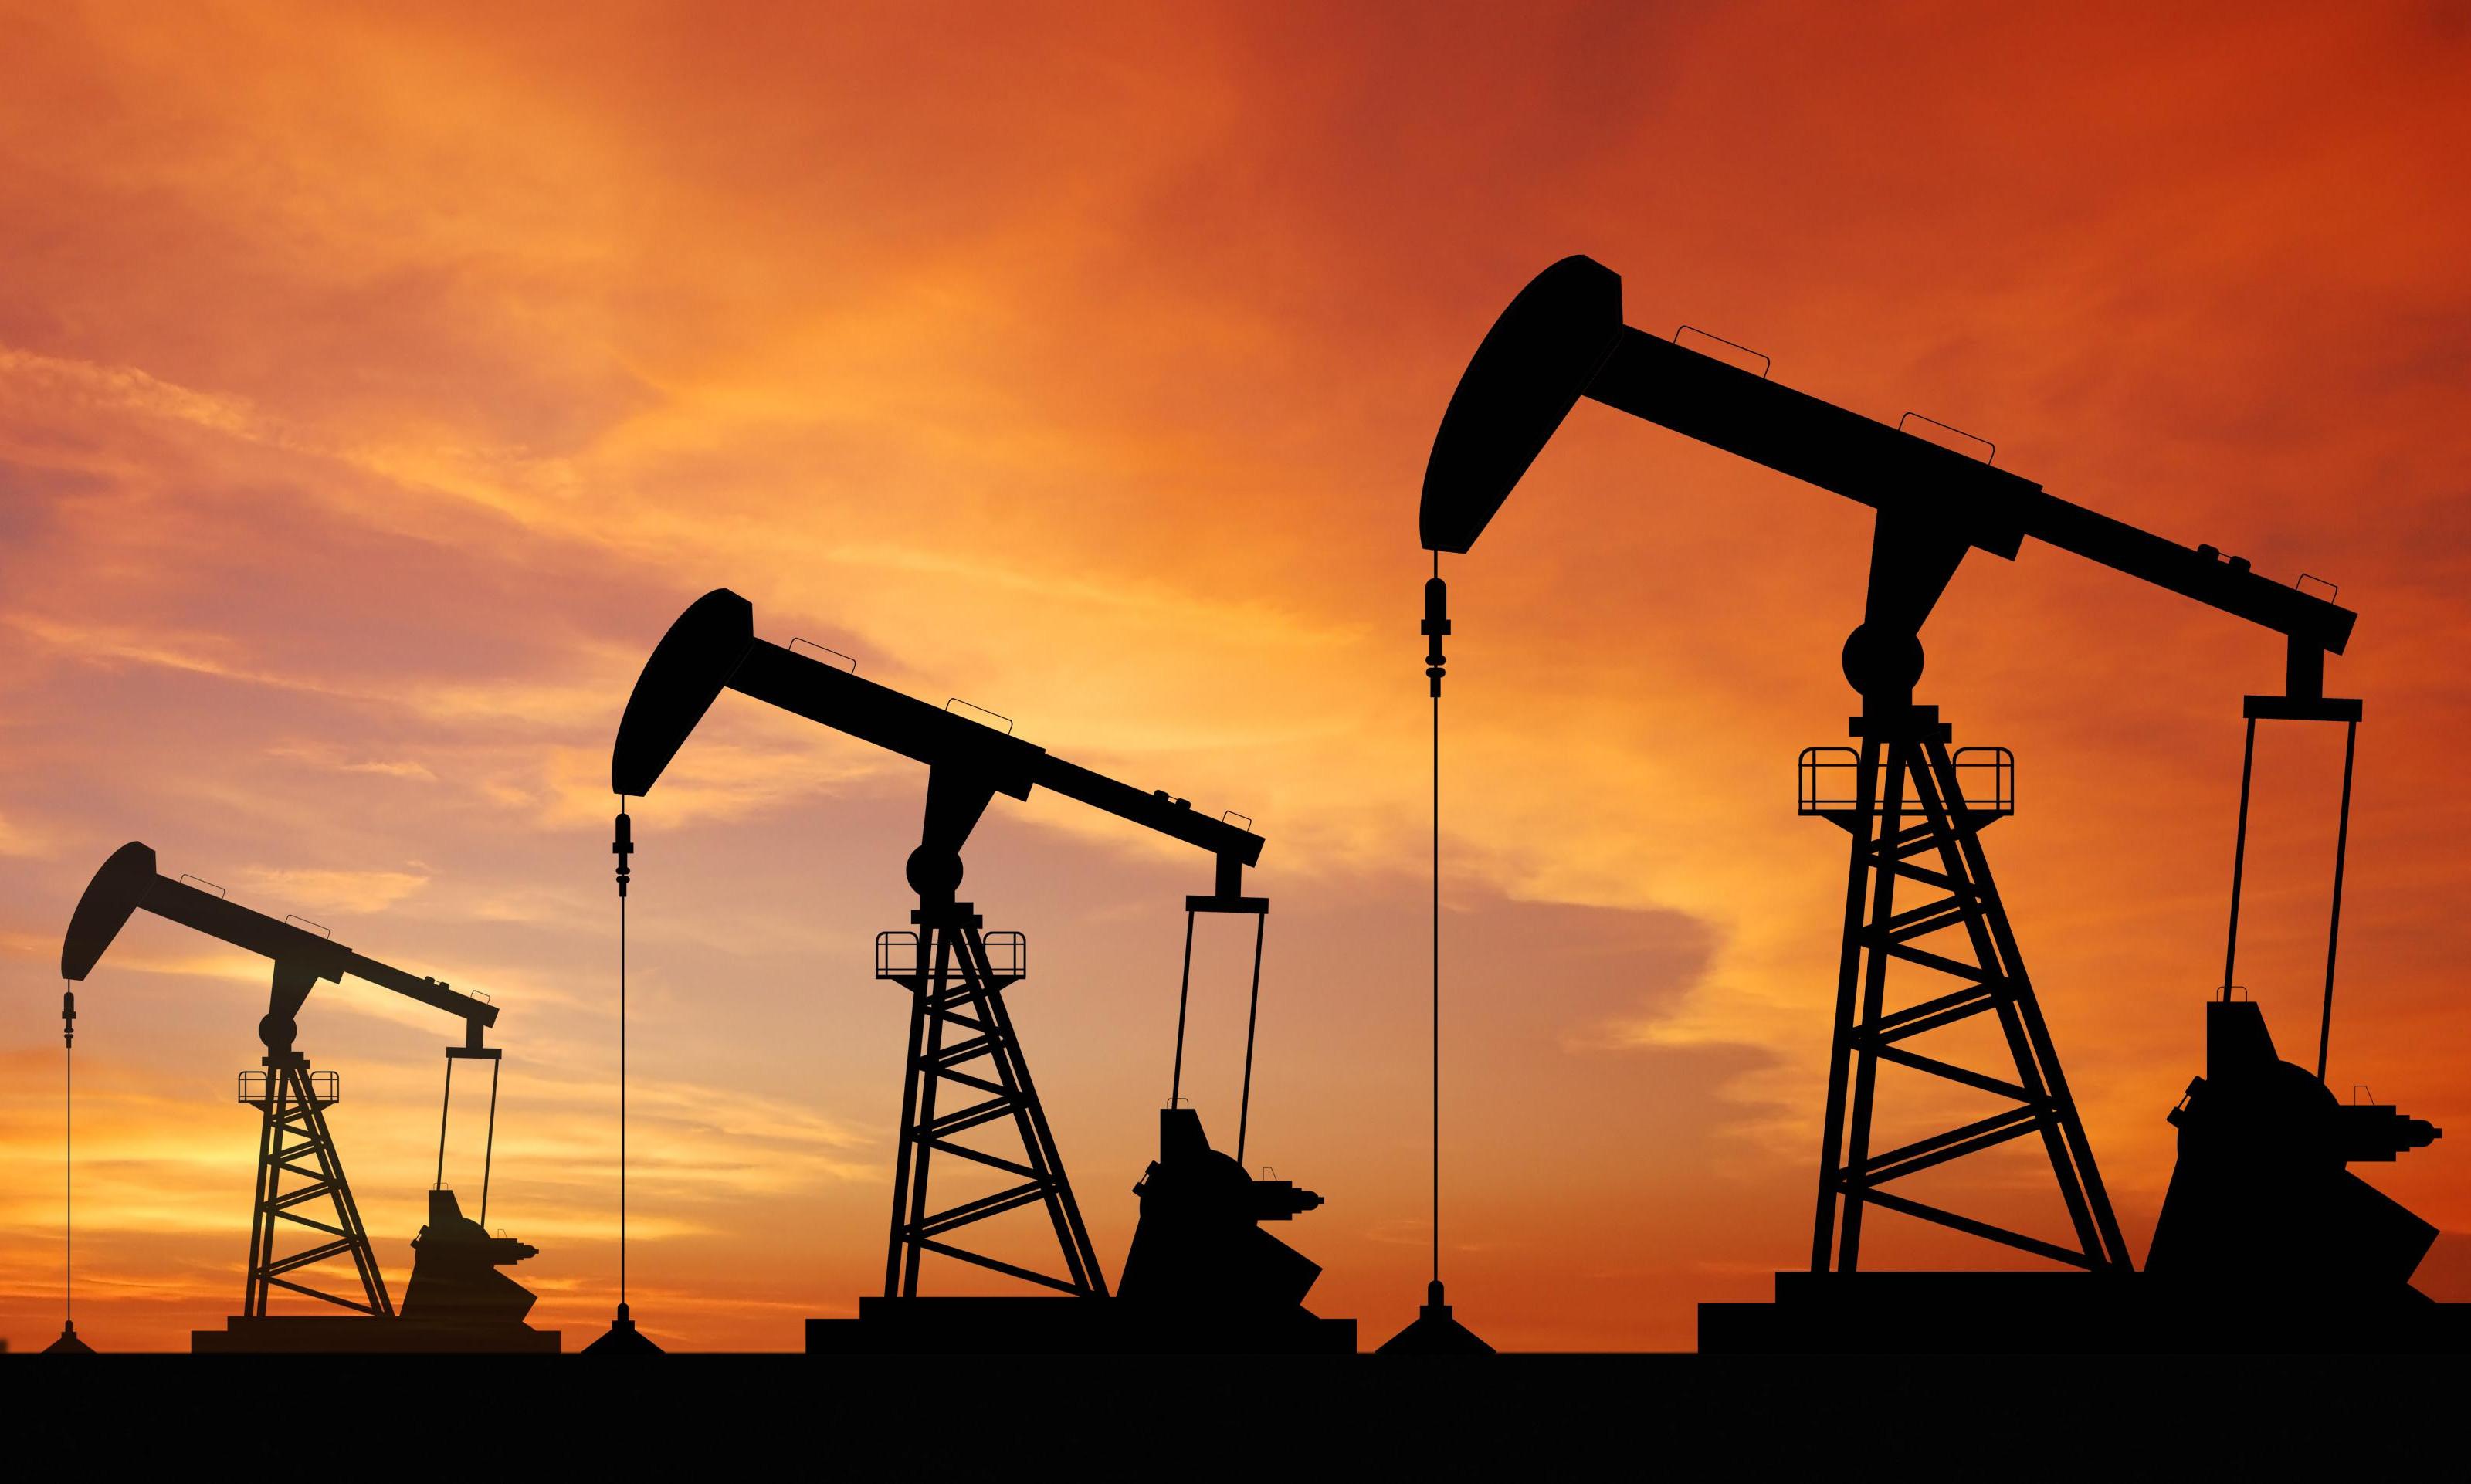 Giá xăng dầu tuần tới: Dự trữ dầu thô của Mỹ tăng gây áp lực lên giá - Ảnh 1.